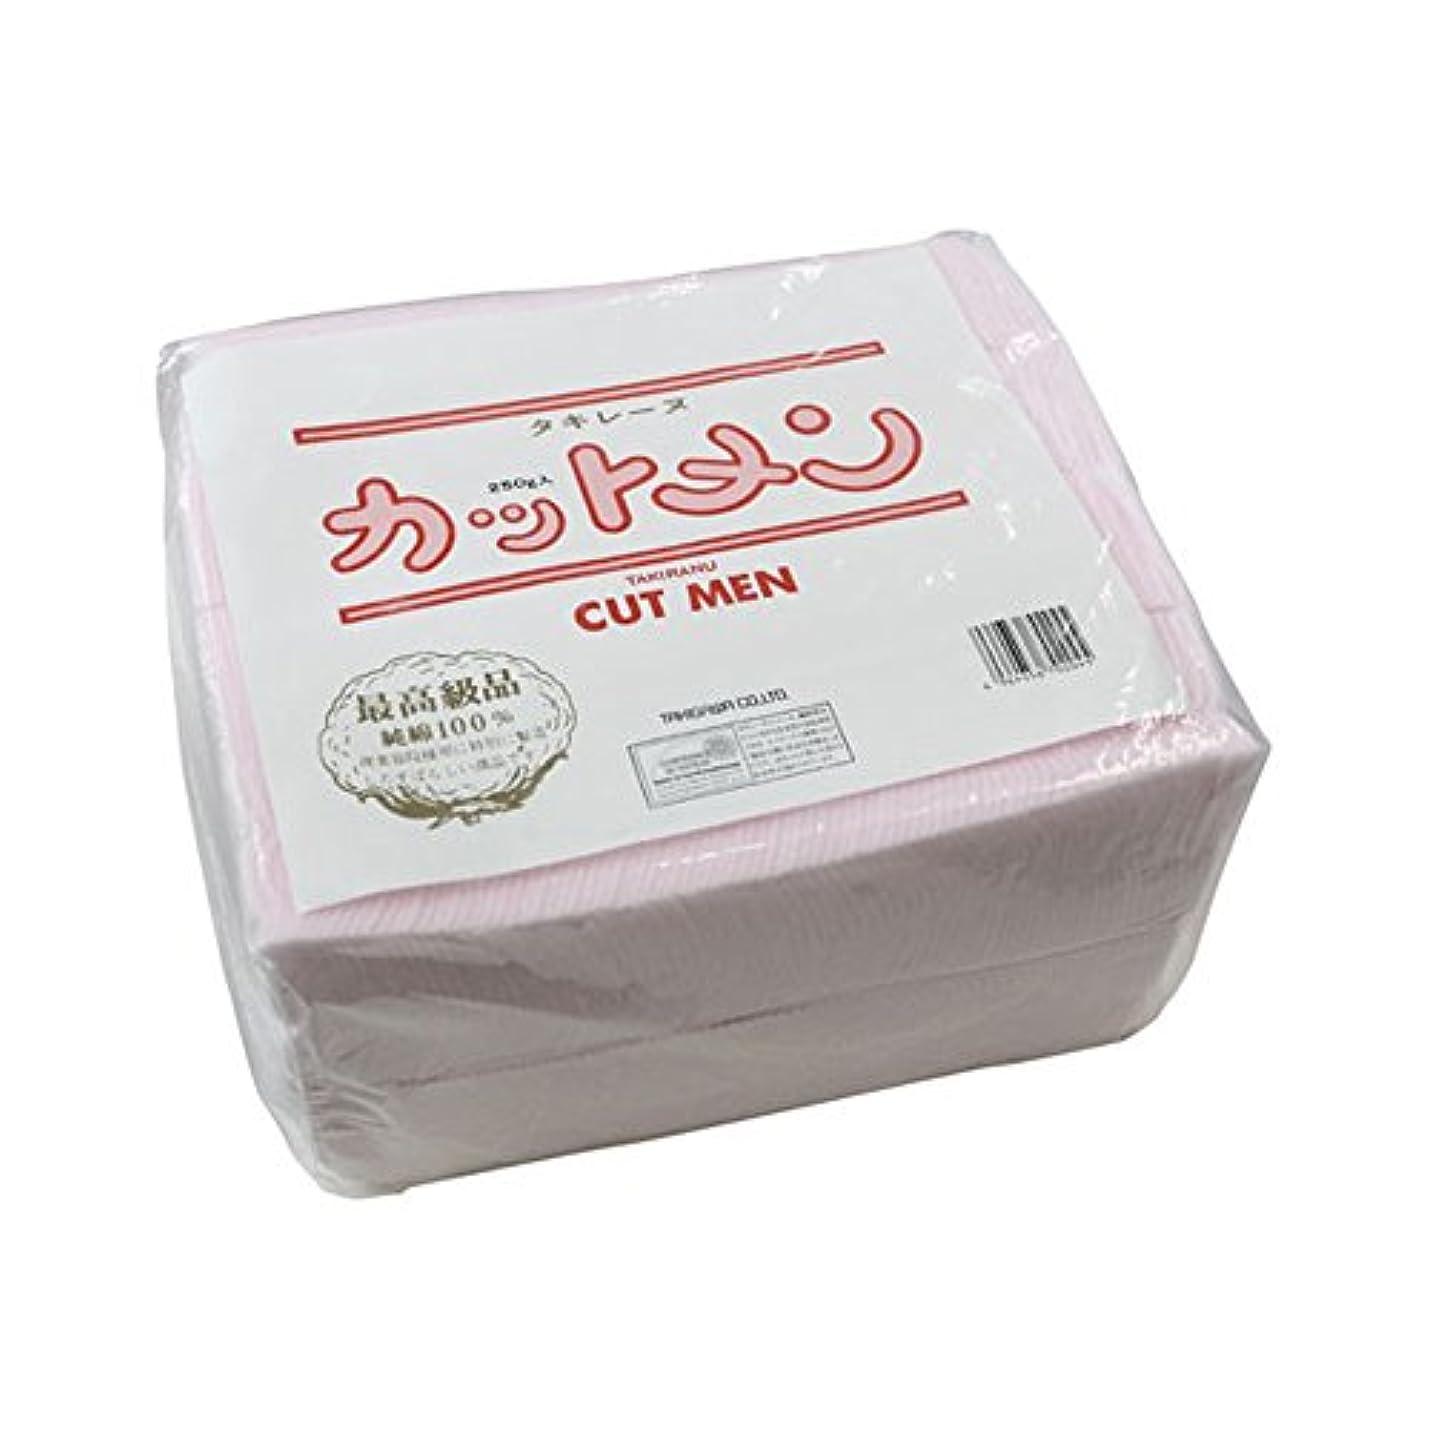 額夜の動物園マットレスタキレーヌカット綿/ピンク 250g 約550枚入